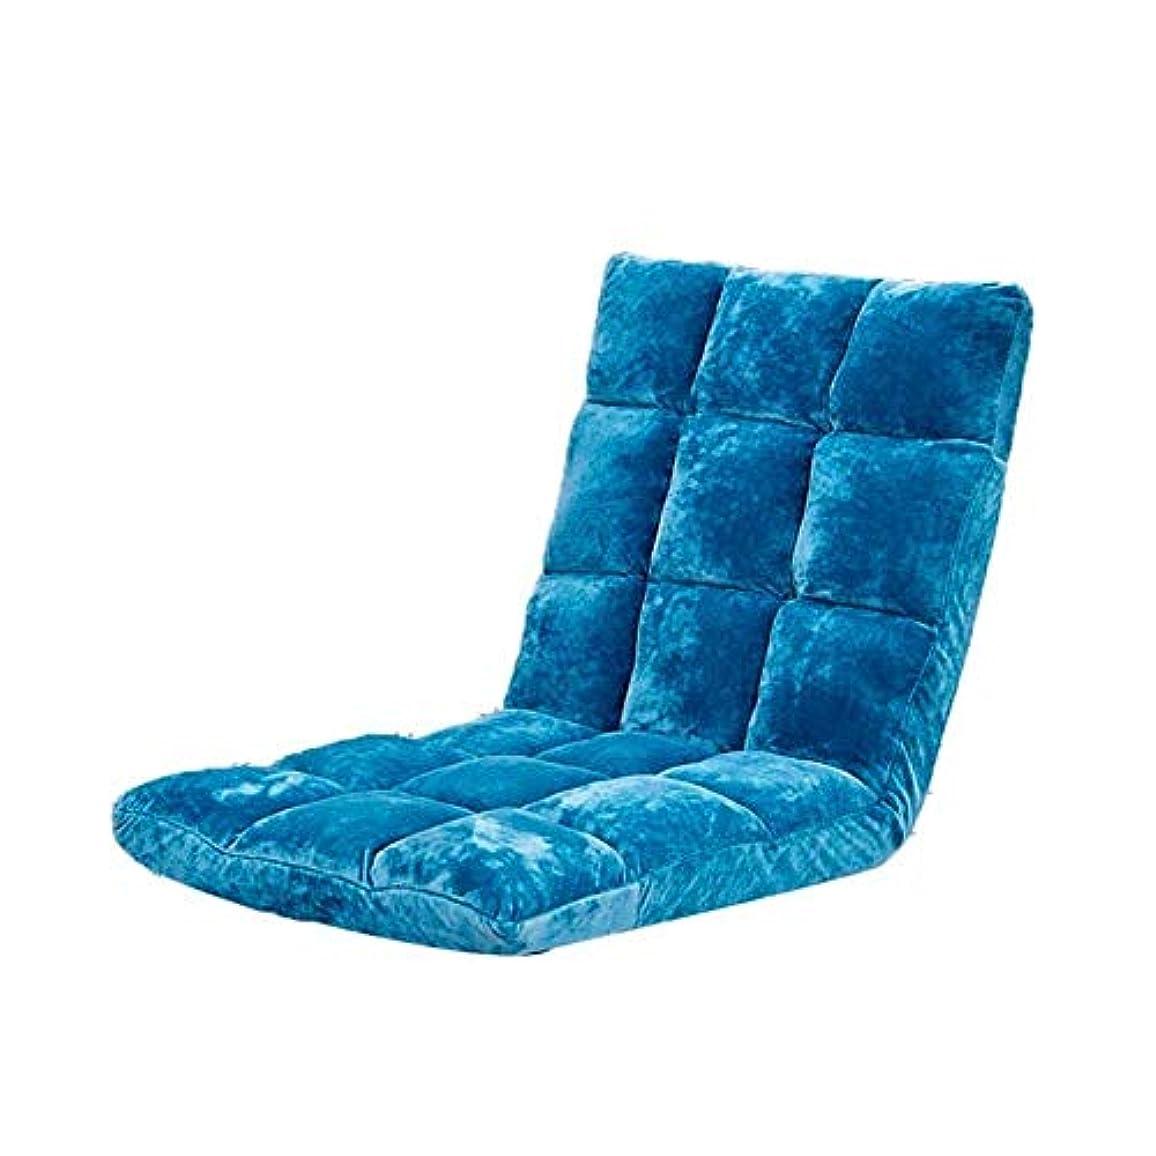 パッドくさび万一に備えて瞑想チェア、シングルレイジーソファ、折りたたみ式バルコニーフロアチェア、畳コンピューターチェア、ベイウィンドウチェア (Color : 青)